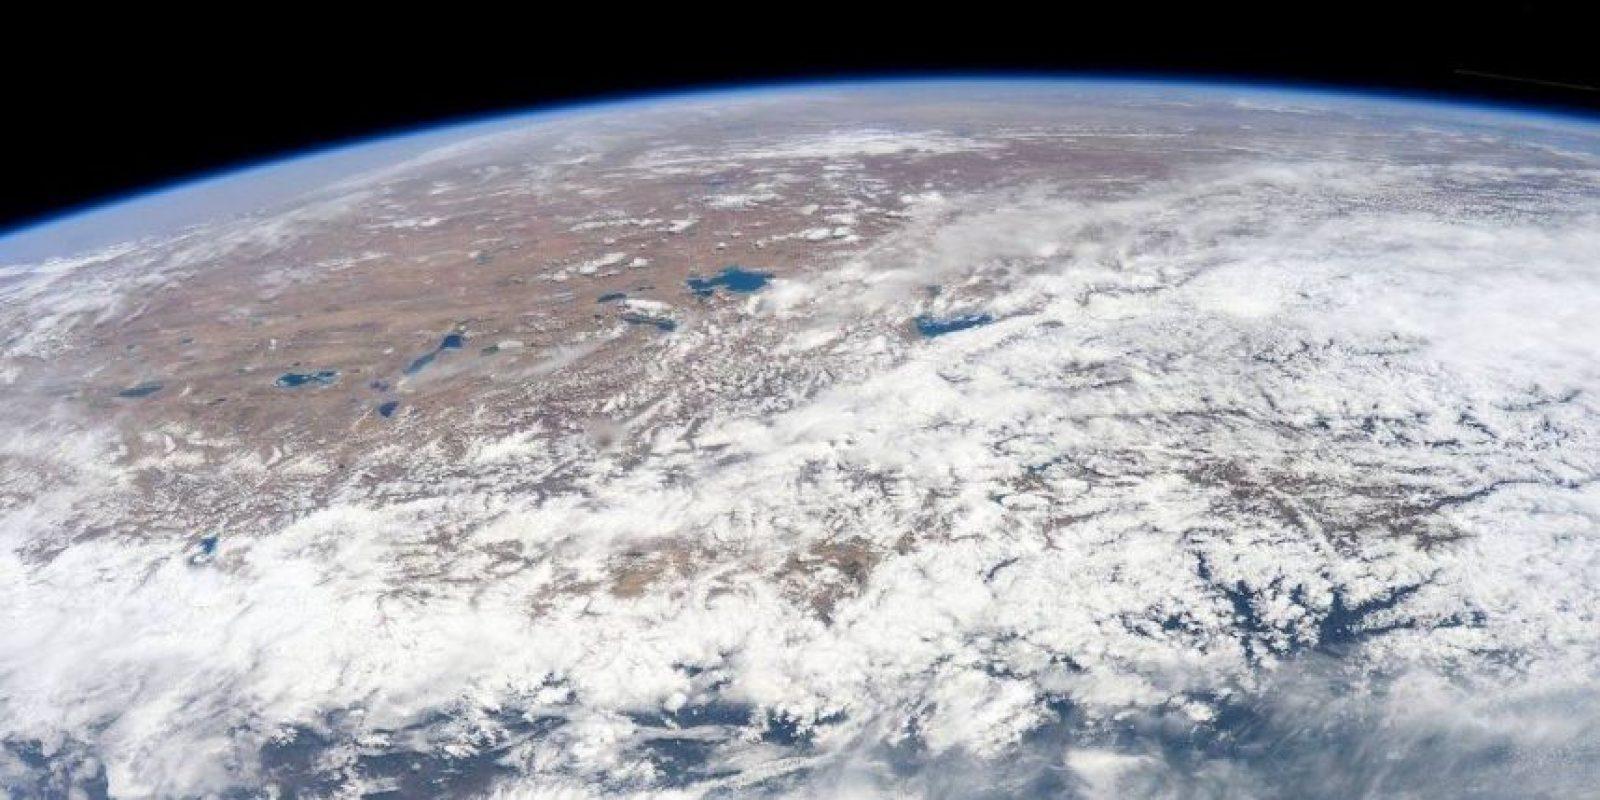 """""""Se ve tranquilo desde aquí, pero mi corazón está con las personas de Nepal"""", publicó el astronauta sobre el terremoto Foto:Facebook.com/NASA-Astronaut-Scott-Kelly"""